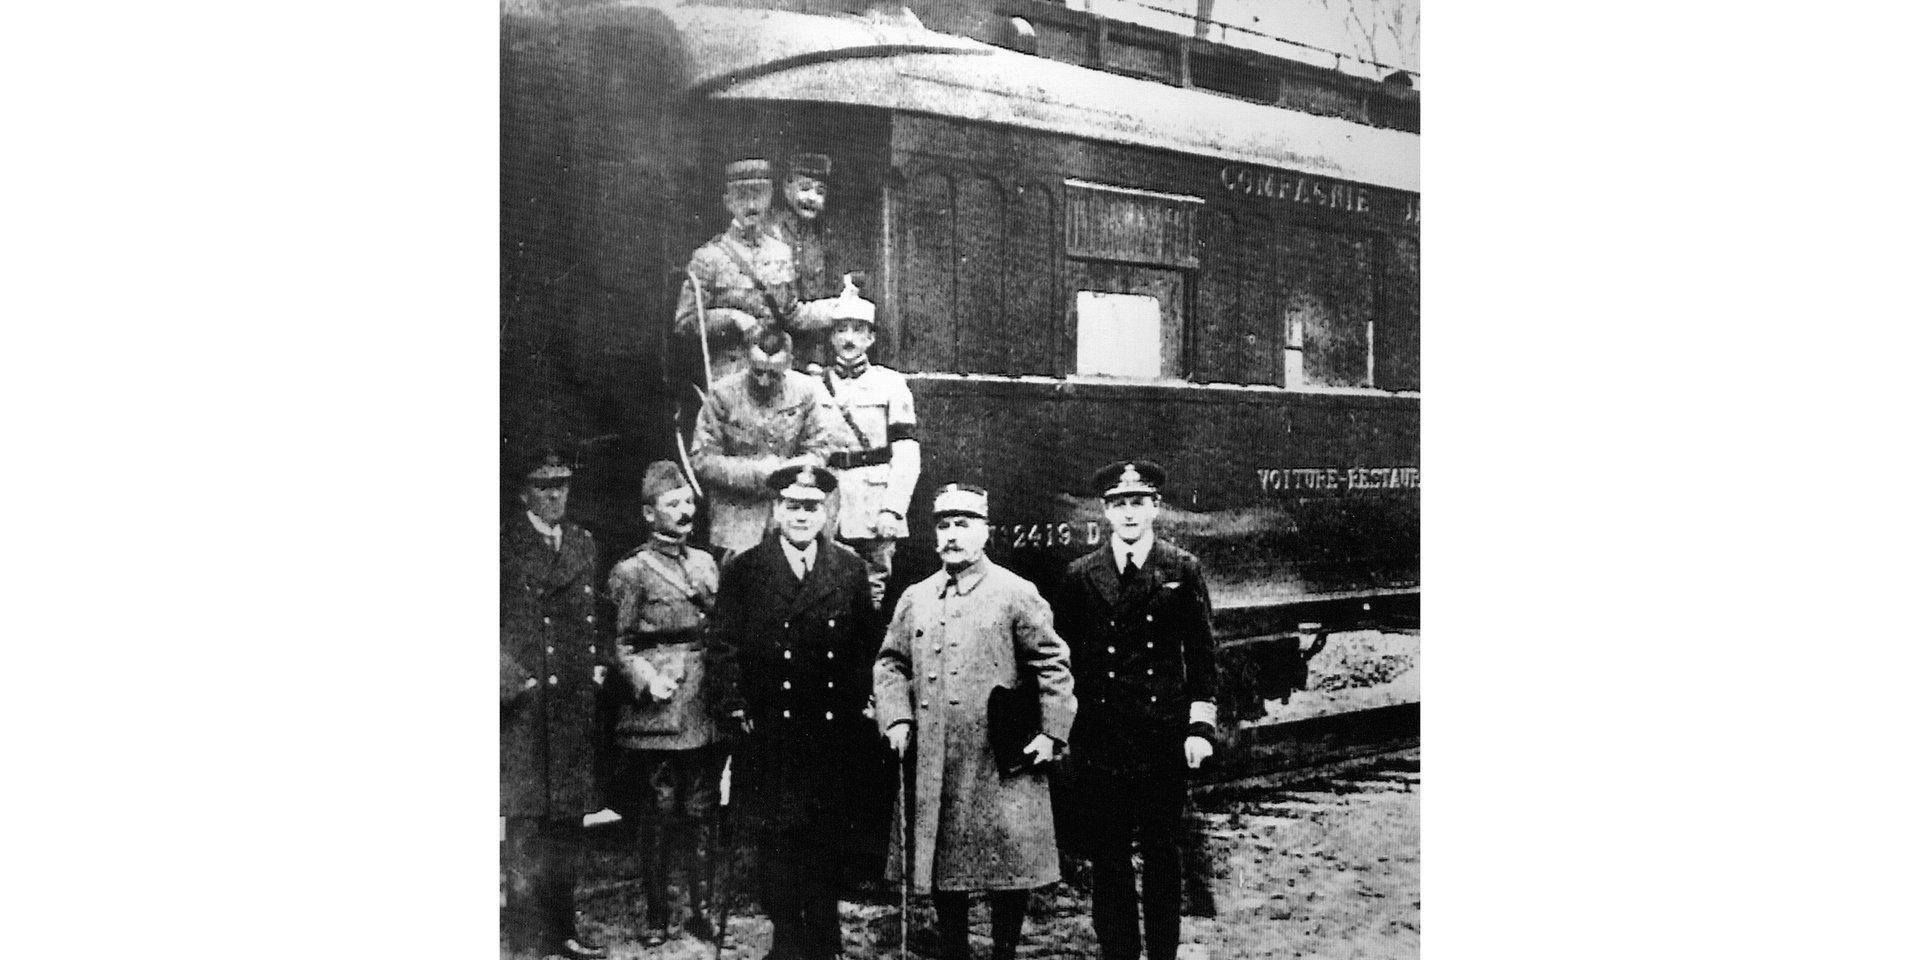 Photographie prise après la signature de l'Armistice, à la sortie du wagon, avec tous les protagonistes.